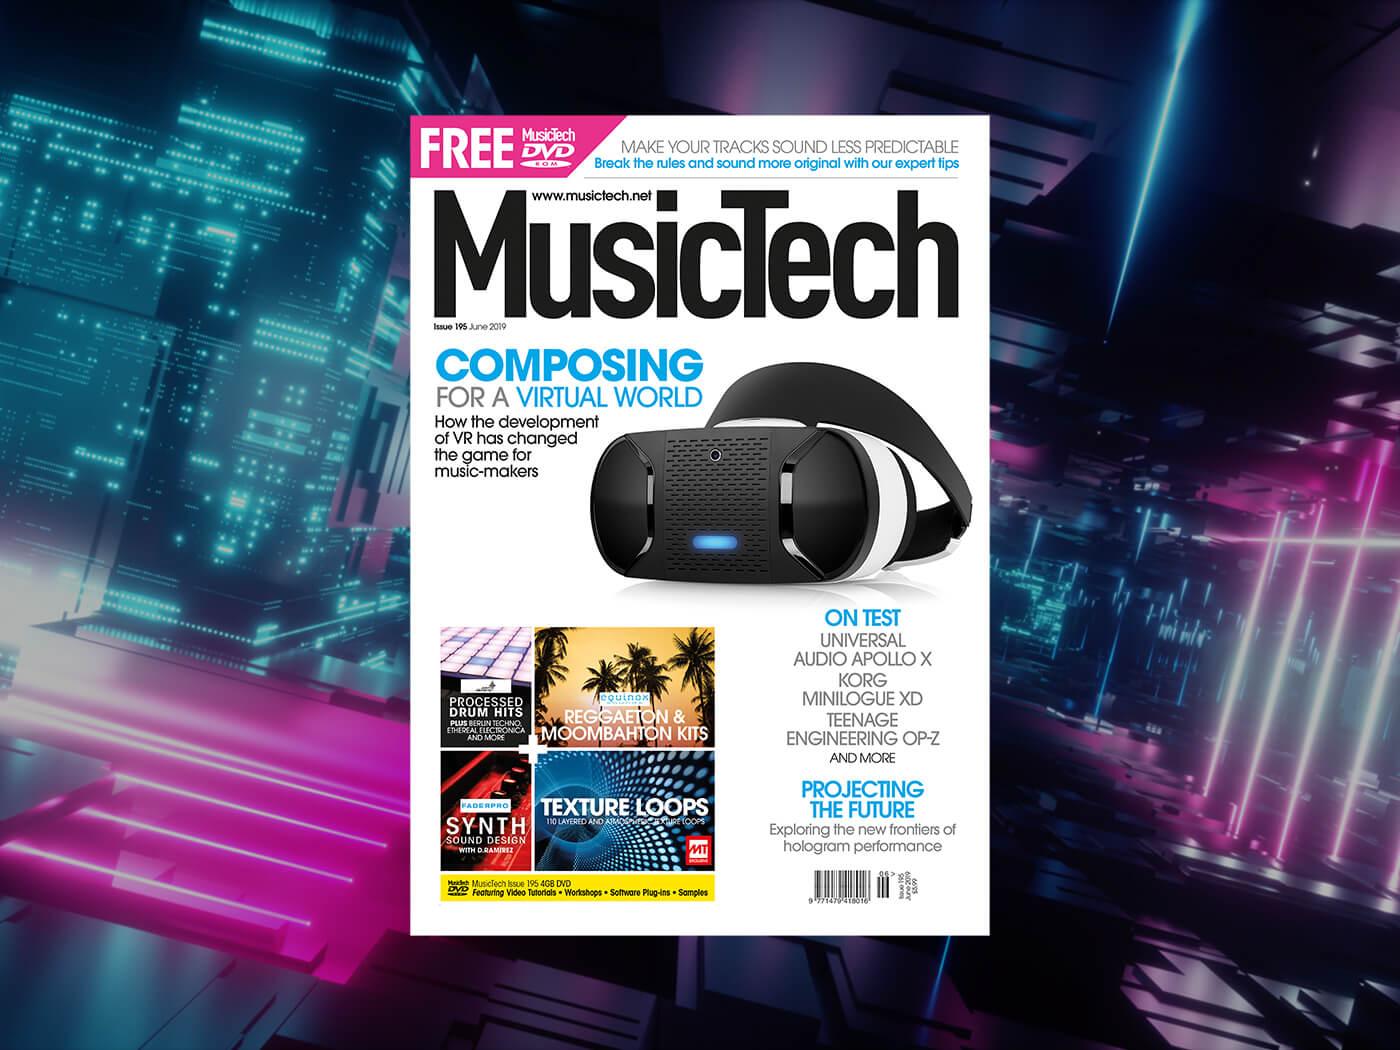 MusicTech 195: Composing for a virtual world - MusicTech